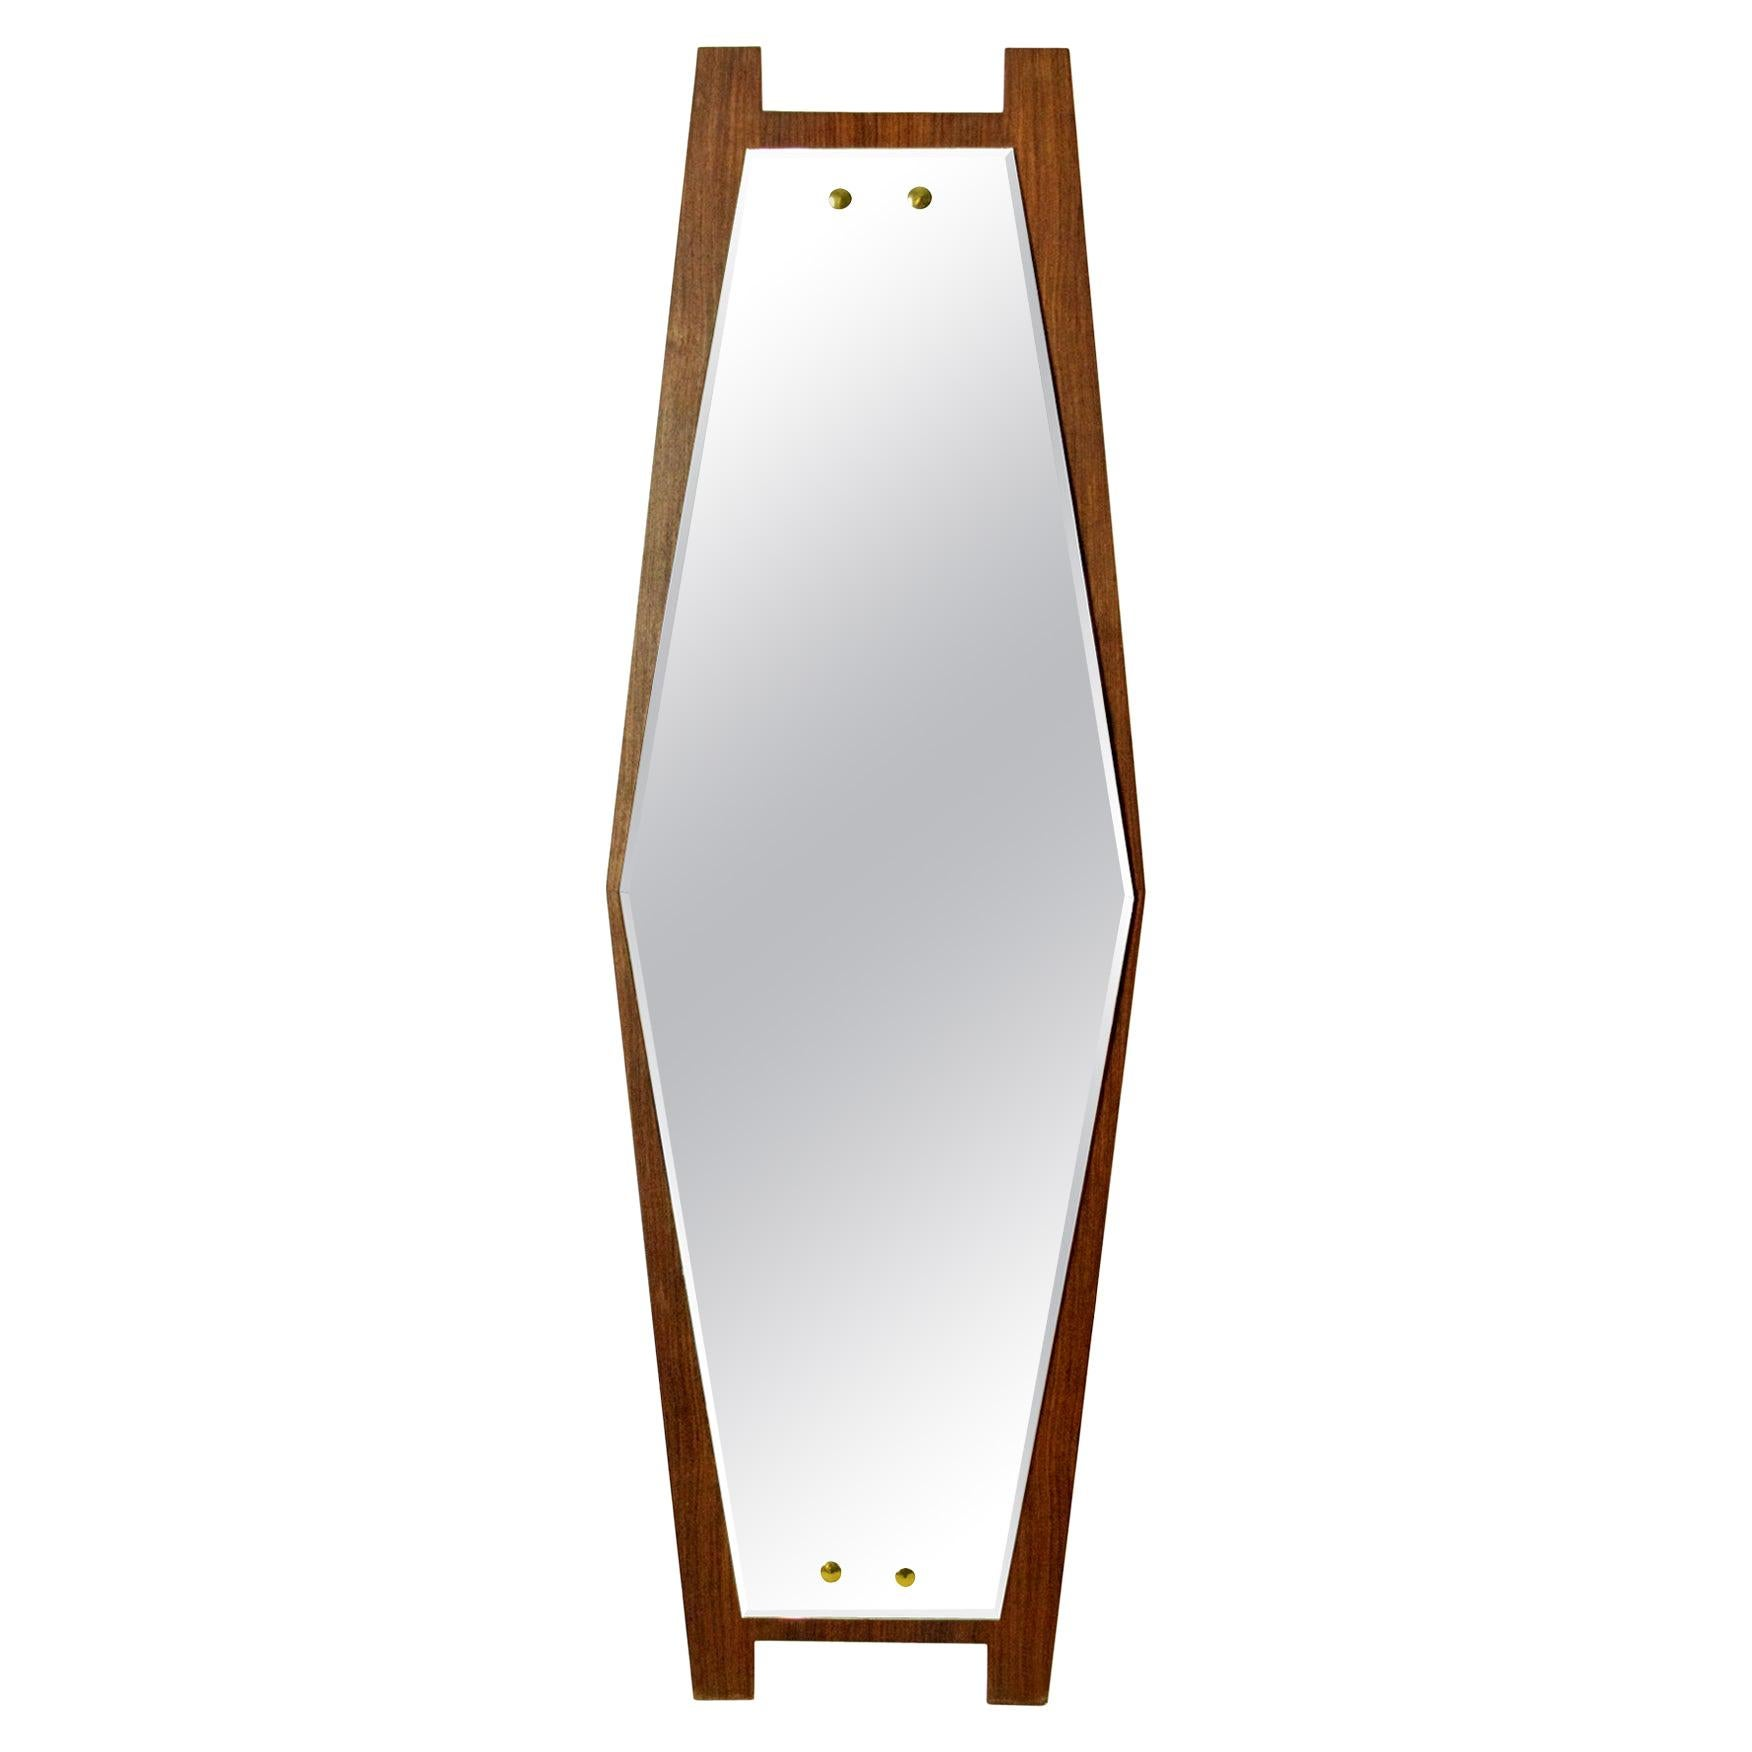 Italian Midcentury Hexagon Mirror